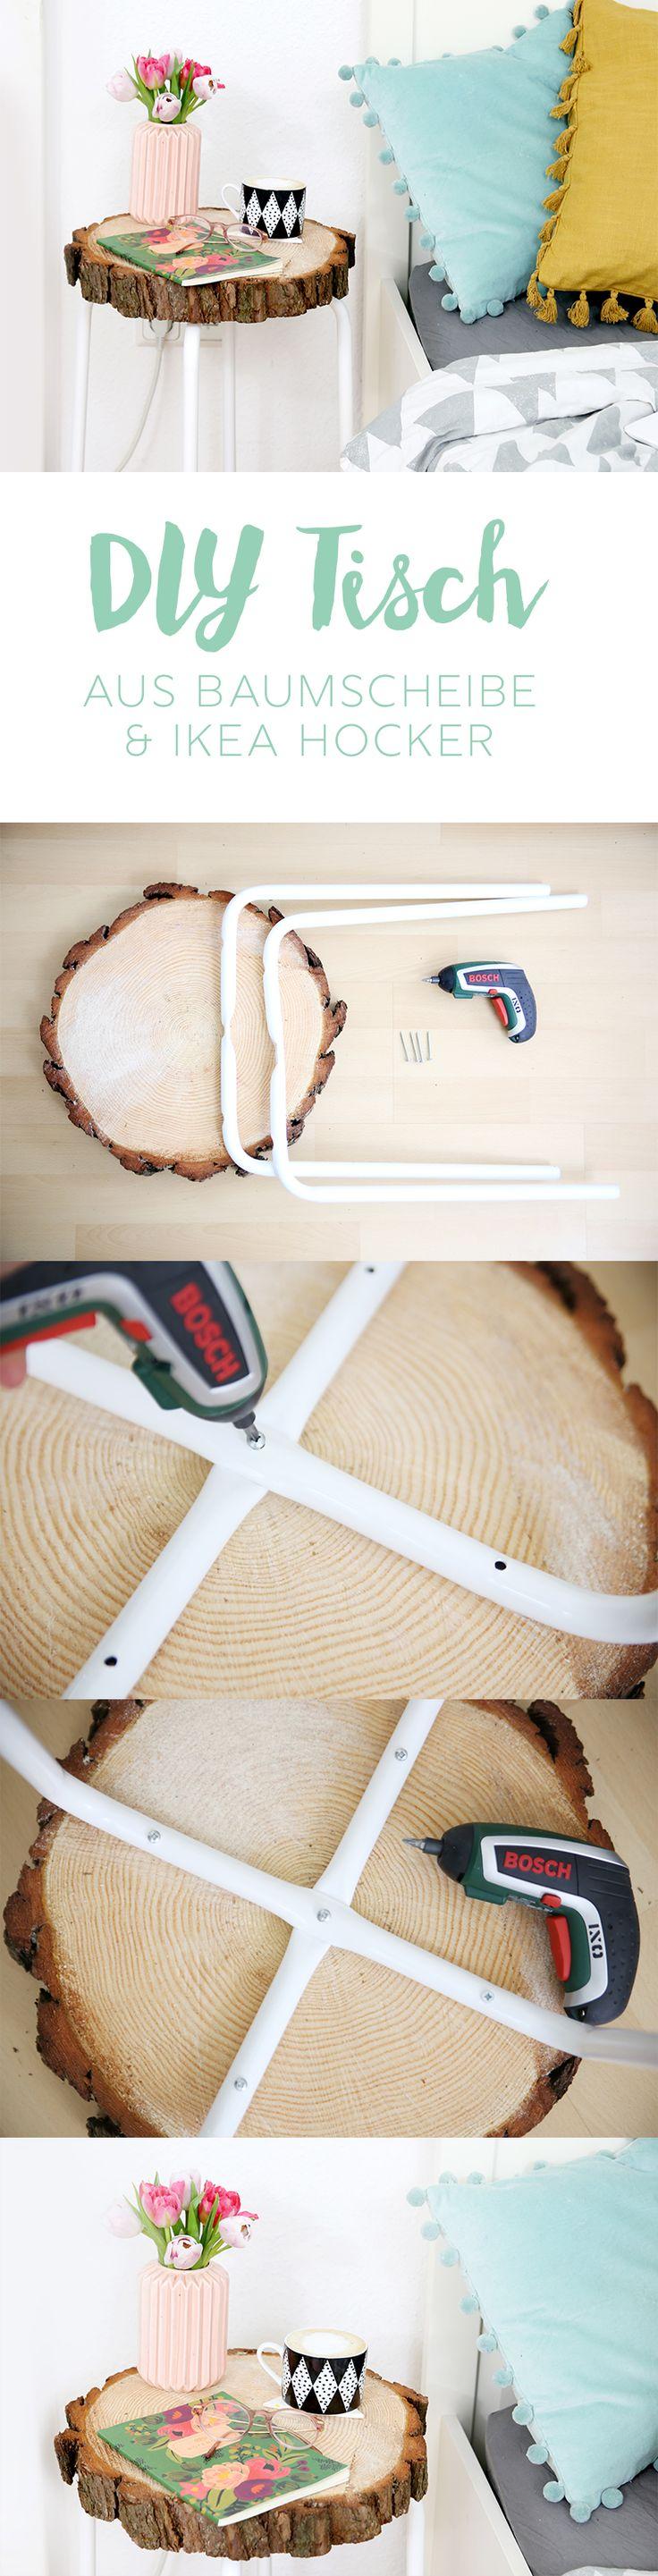 Kreative DIY-Idee: Selbstgemachter Beistelltisch aus Baumscheibe und Ikea-Hocker Marius (Ikea-Hack)